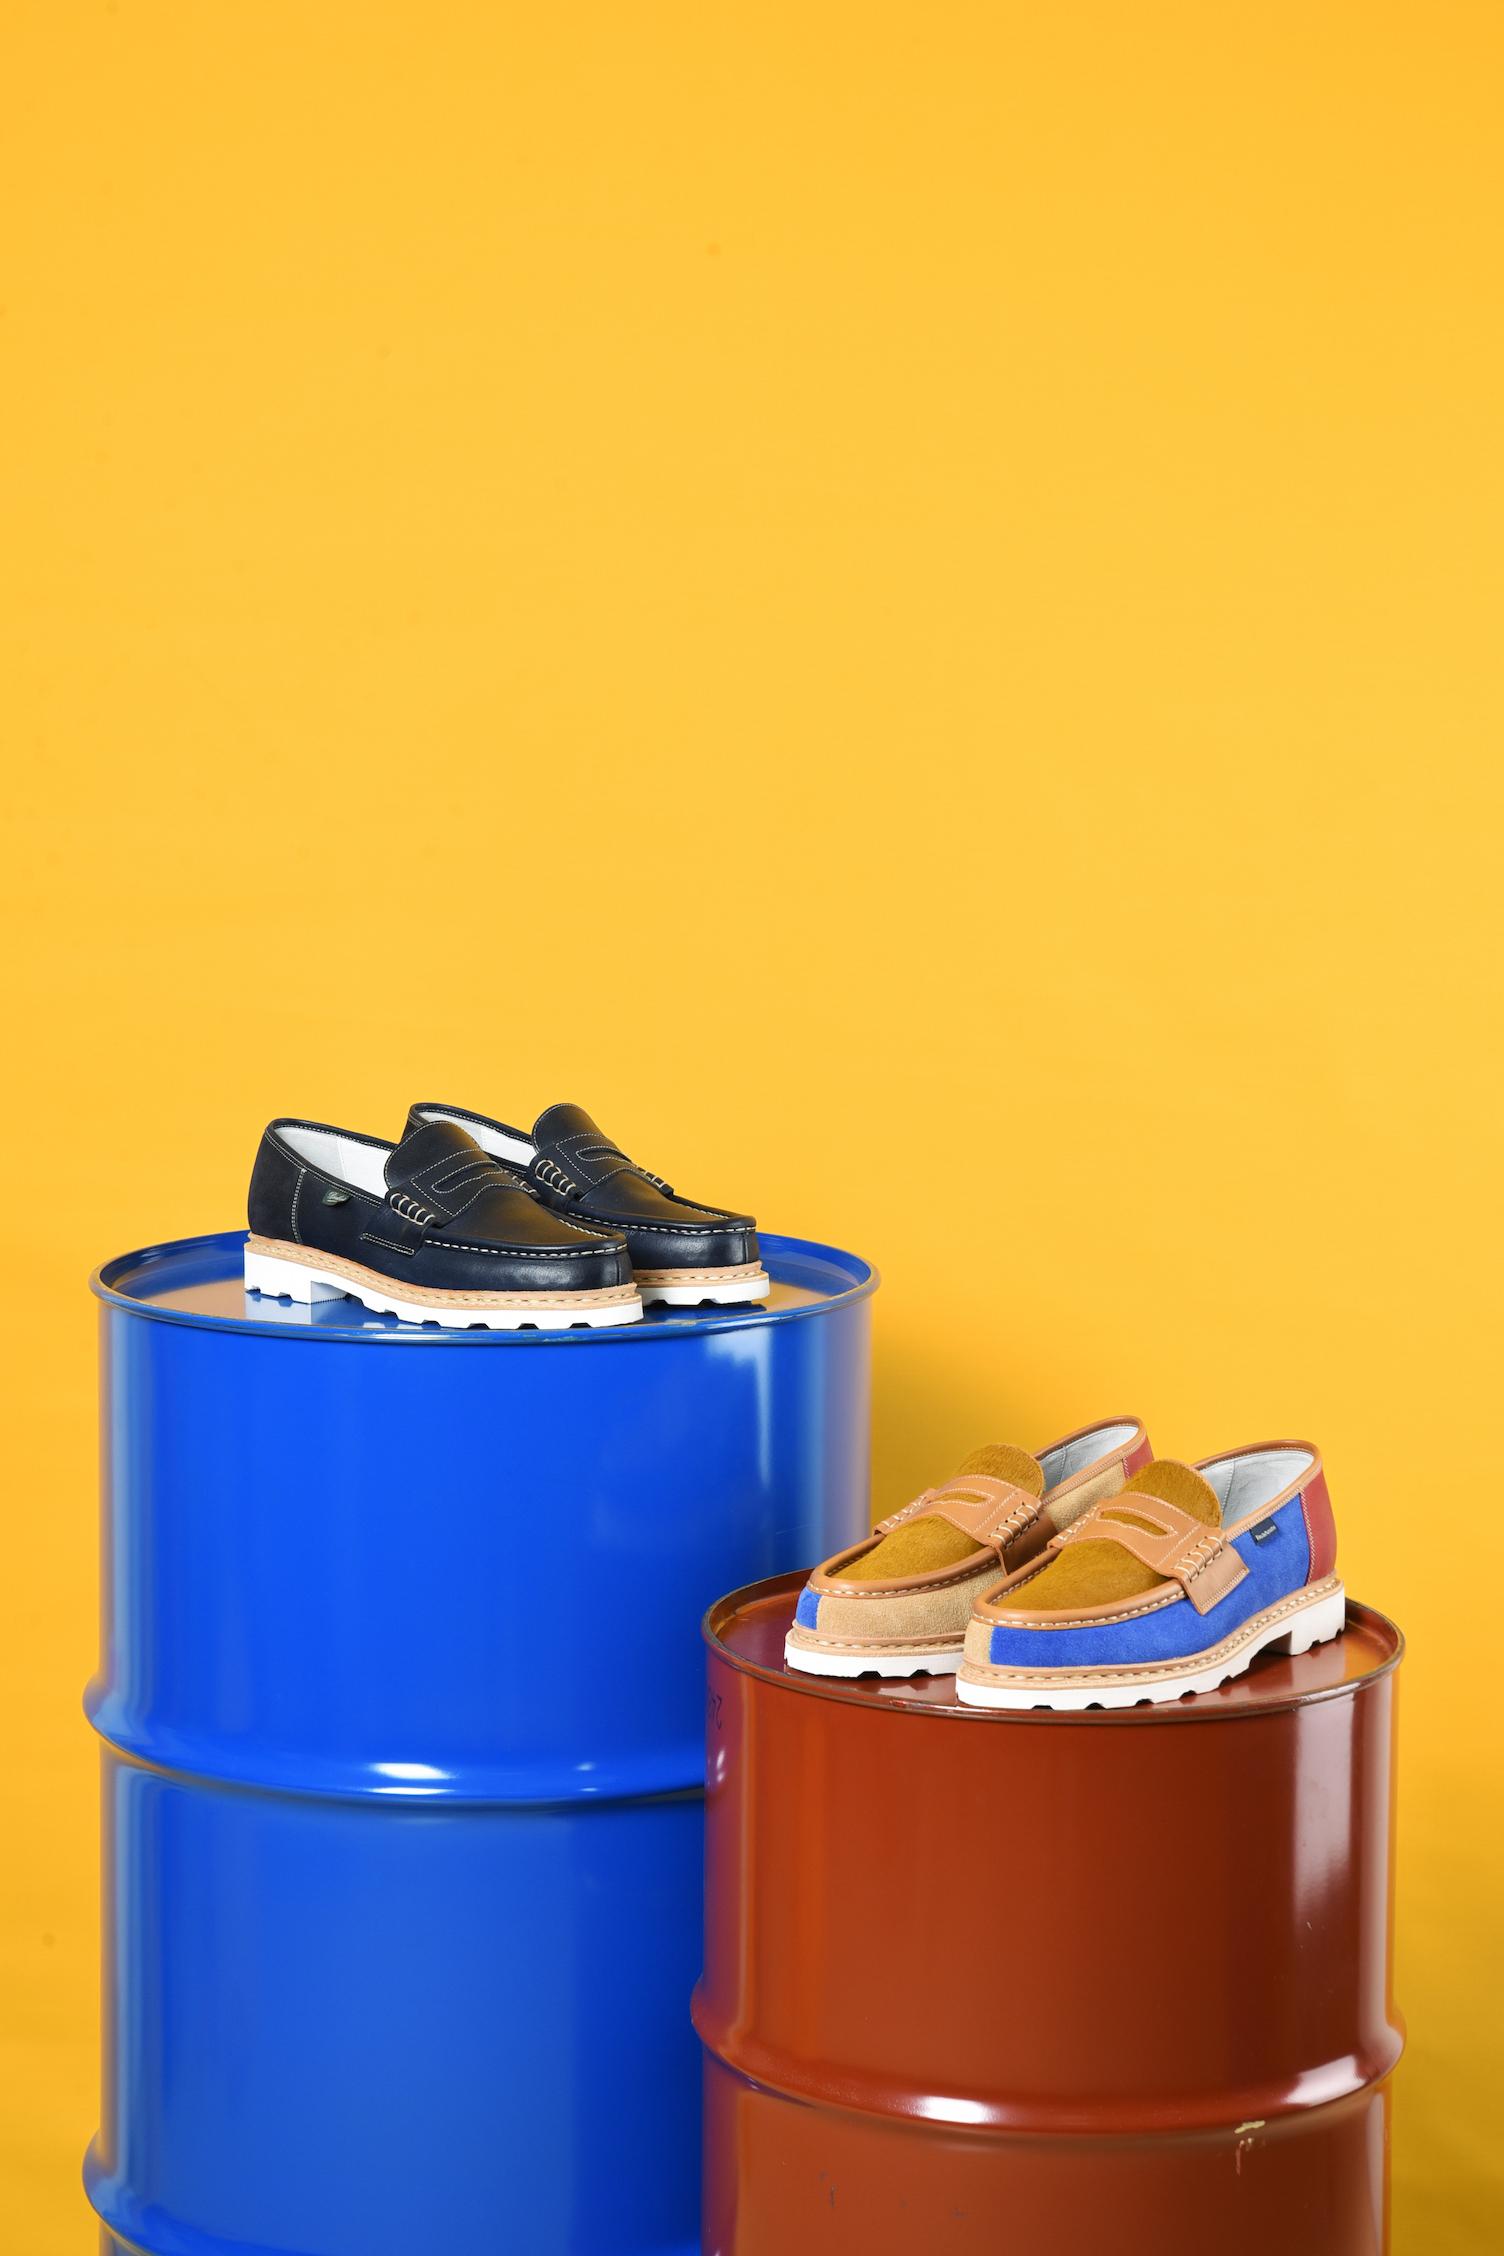 bleu-de-paname-collaboration-paraboot-chaussures-date-sortie-photos-exclusif-1 (1)